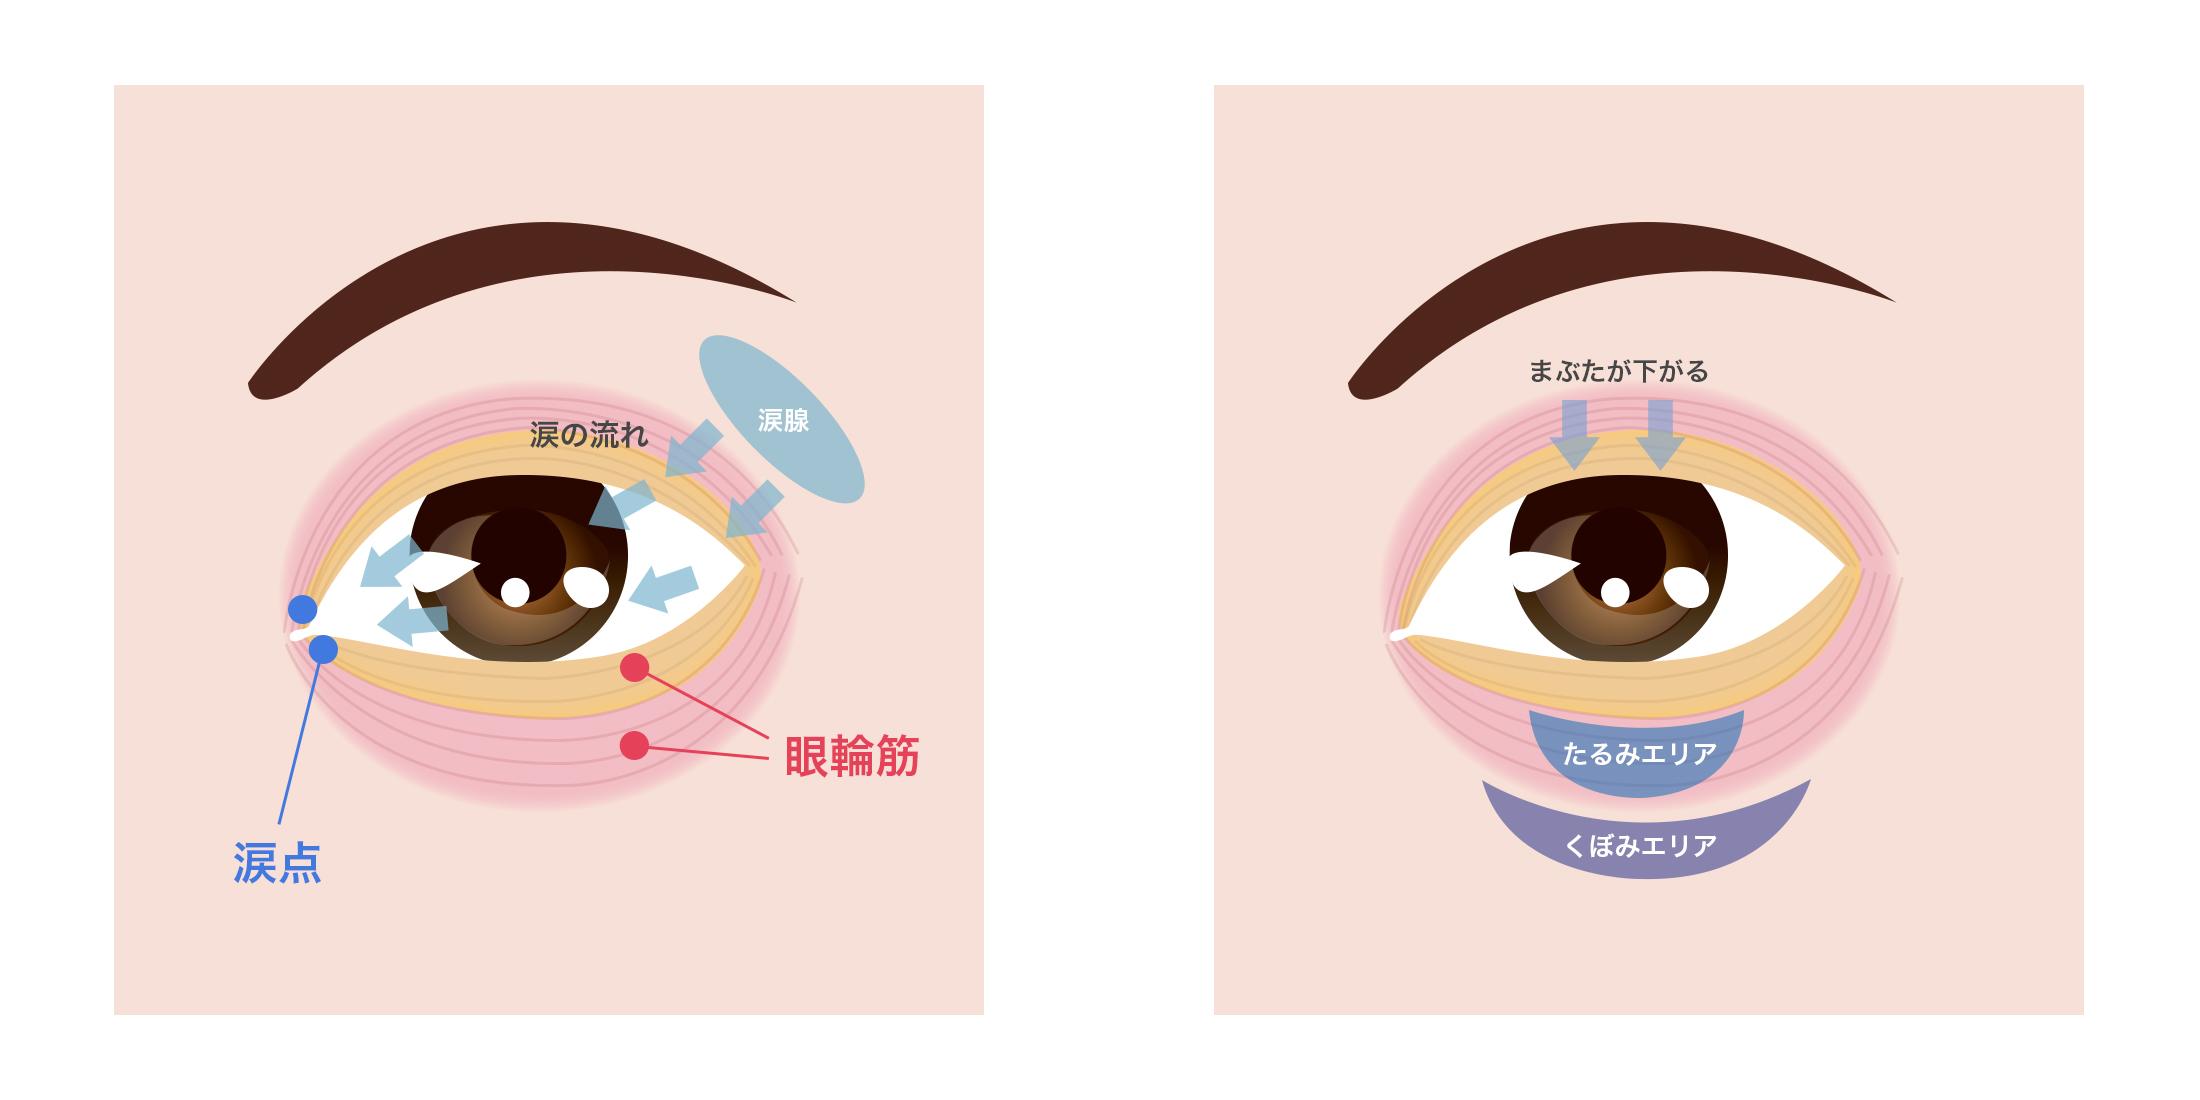 目の周り体操